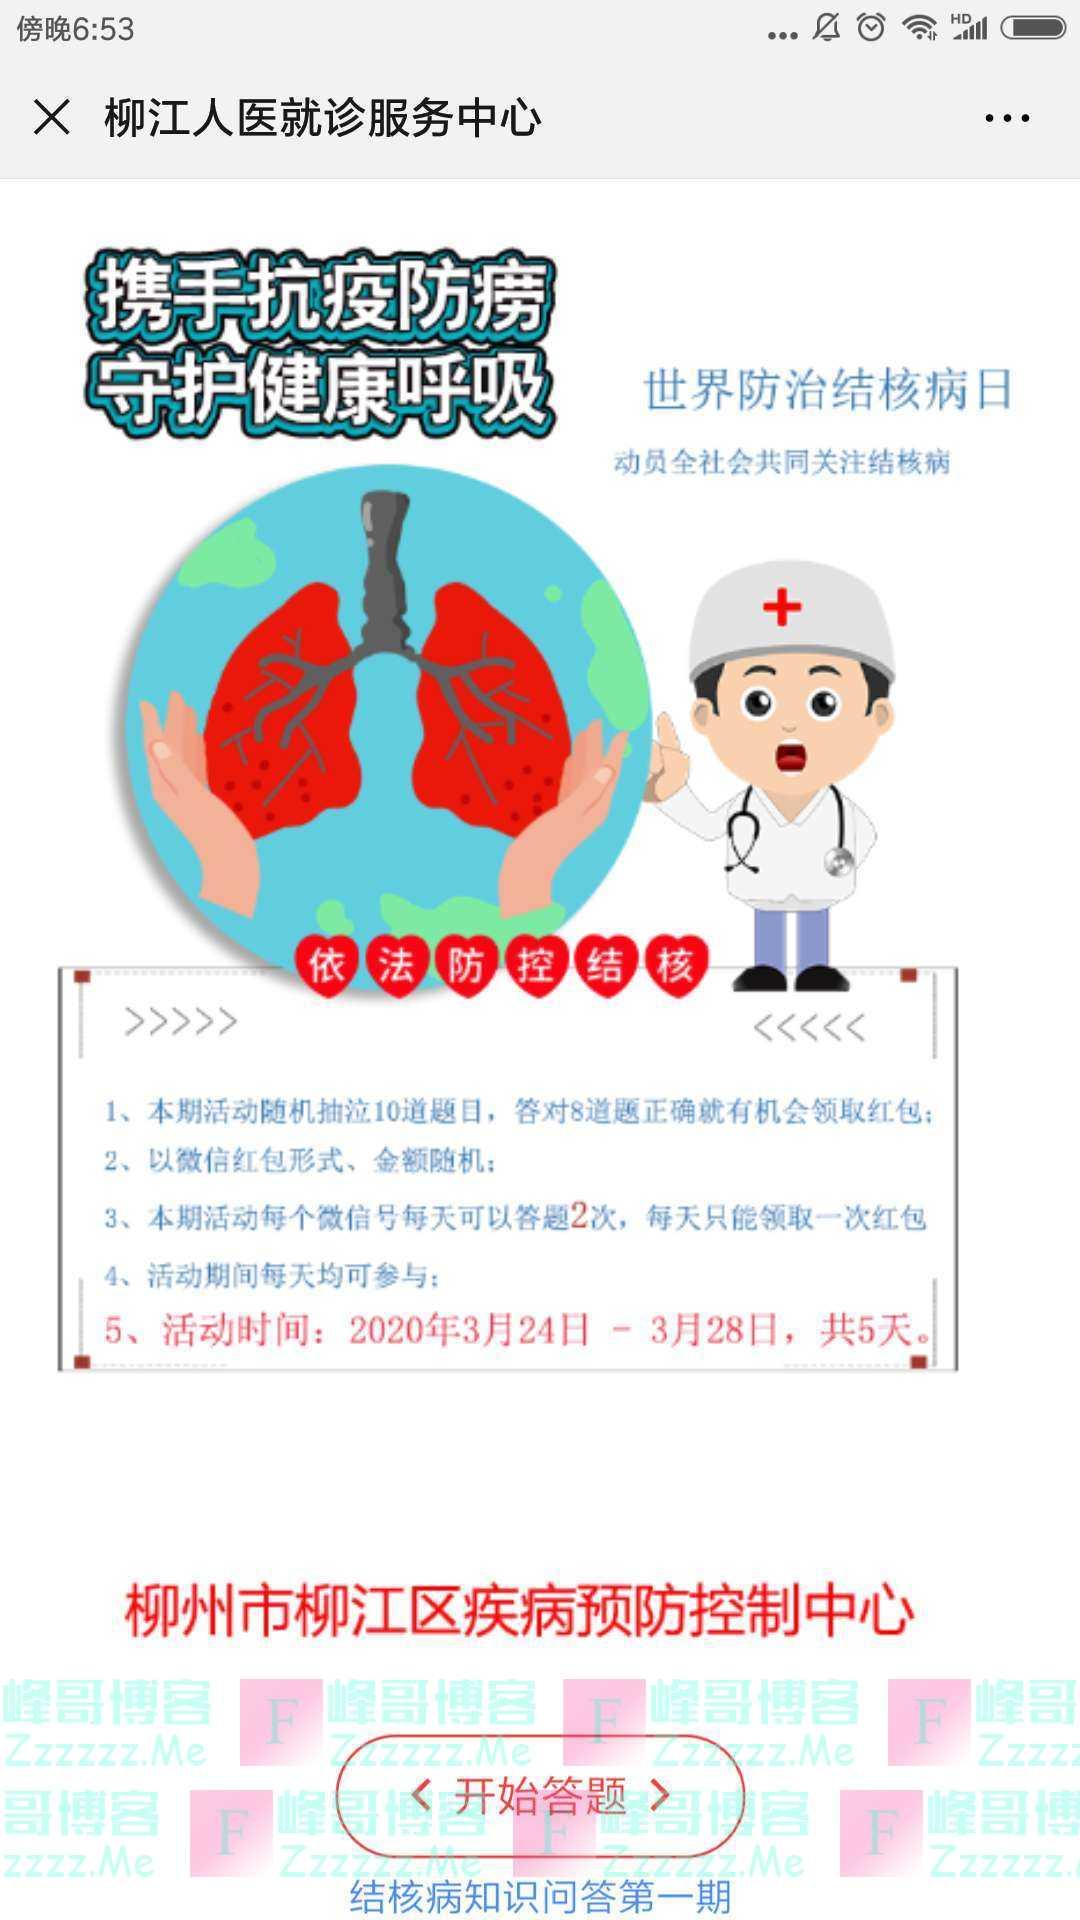 柳州市柳江区人民医院结核病知识答题(截止3月28日)